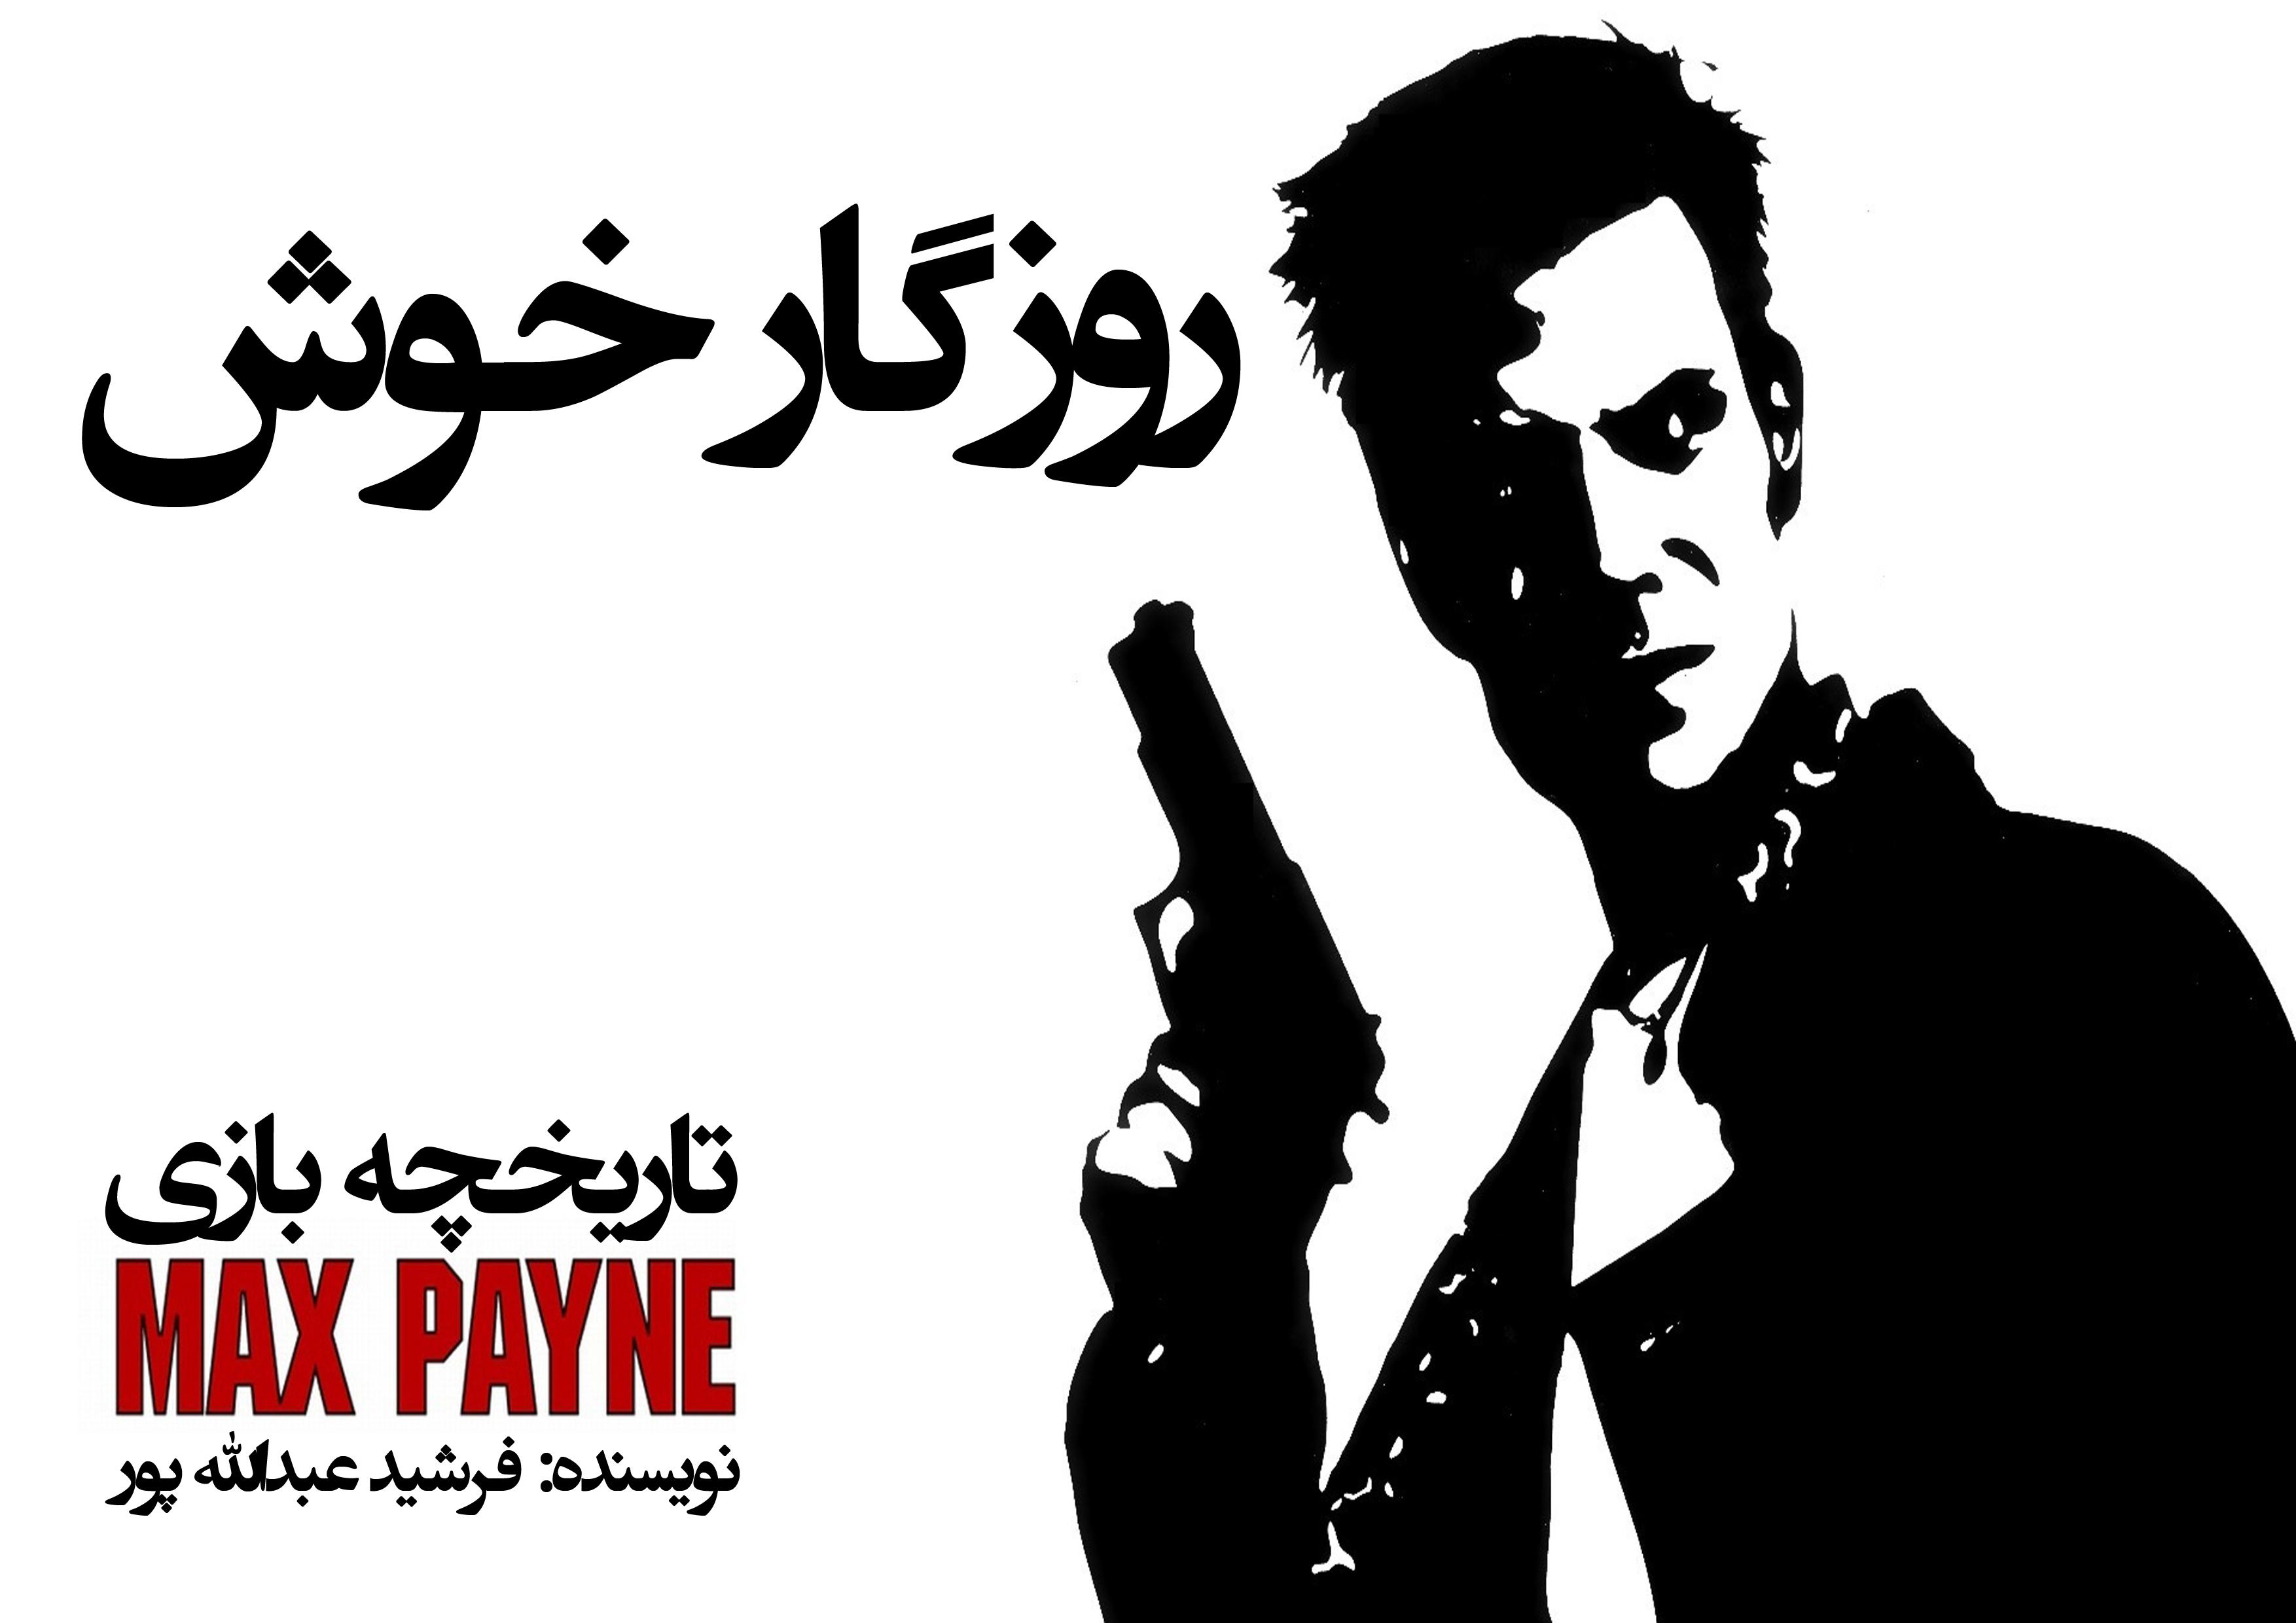 تاریخچه بازی Max Payne